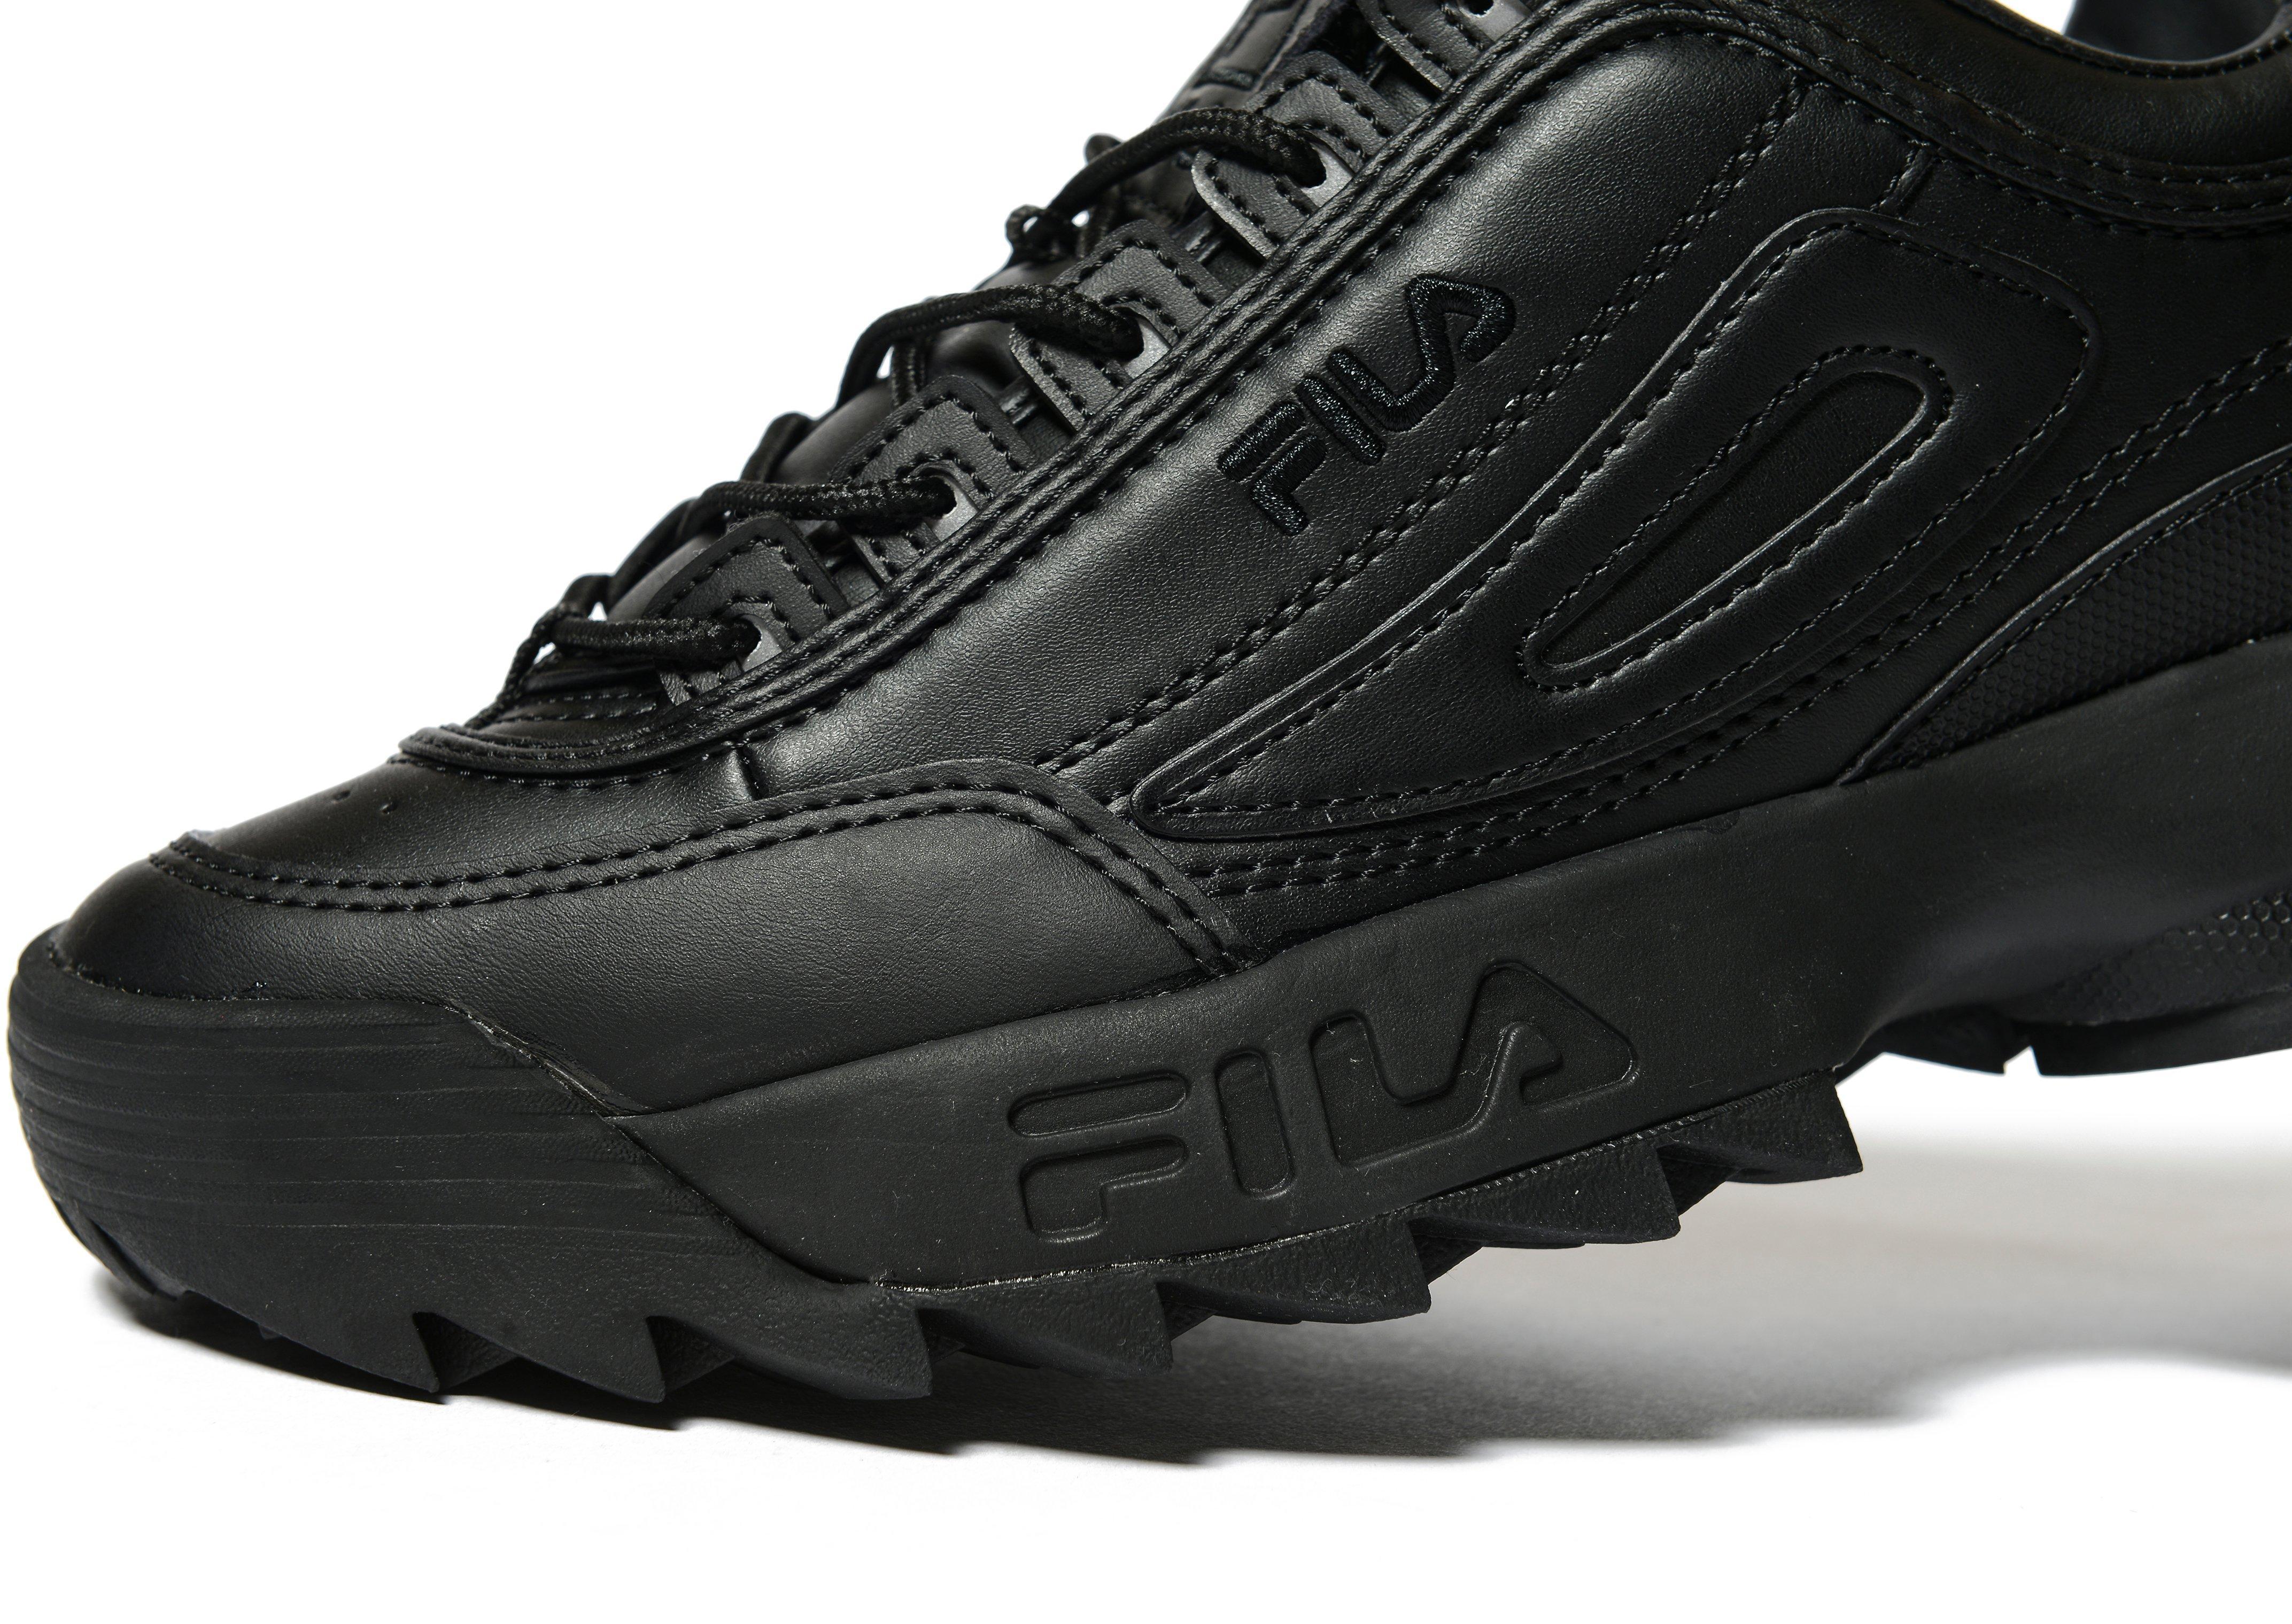 84f45cfccaf chaussure fila disruptor 2